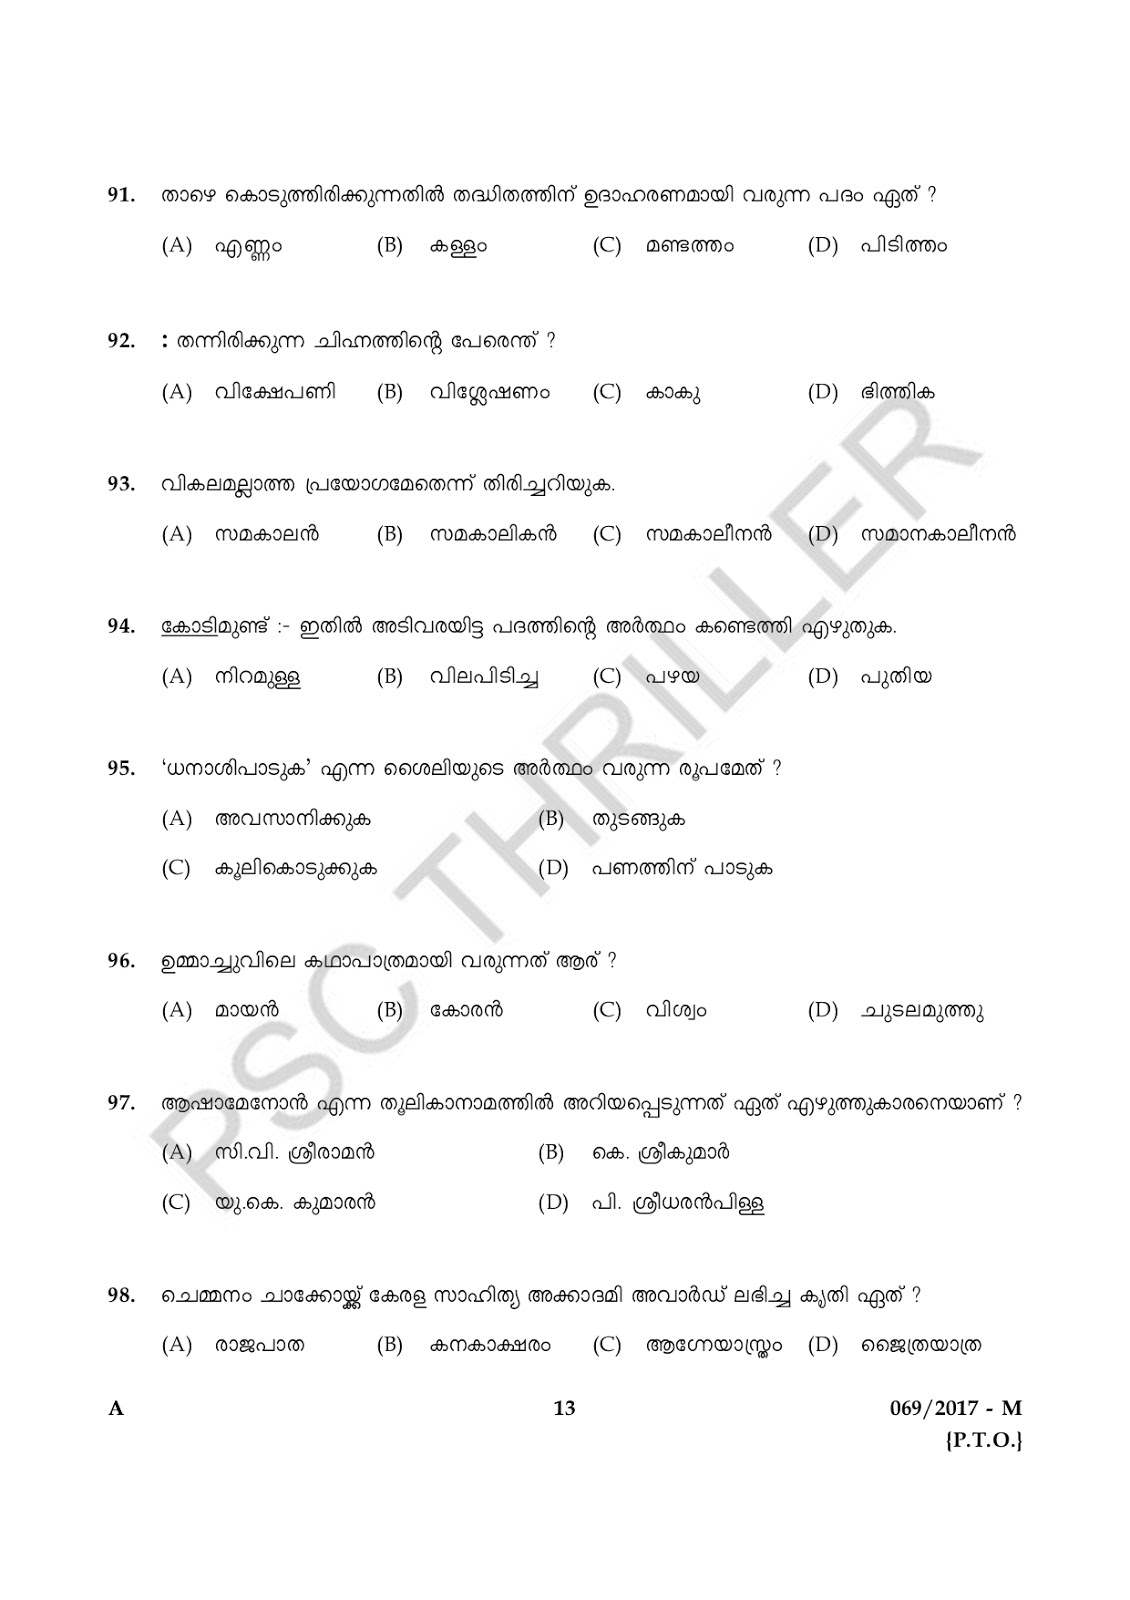 LDC-Question Paper -69/2017 - Kerala PSC